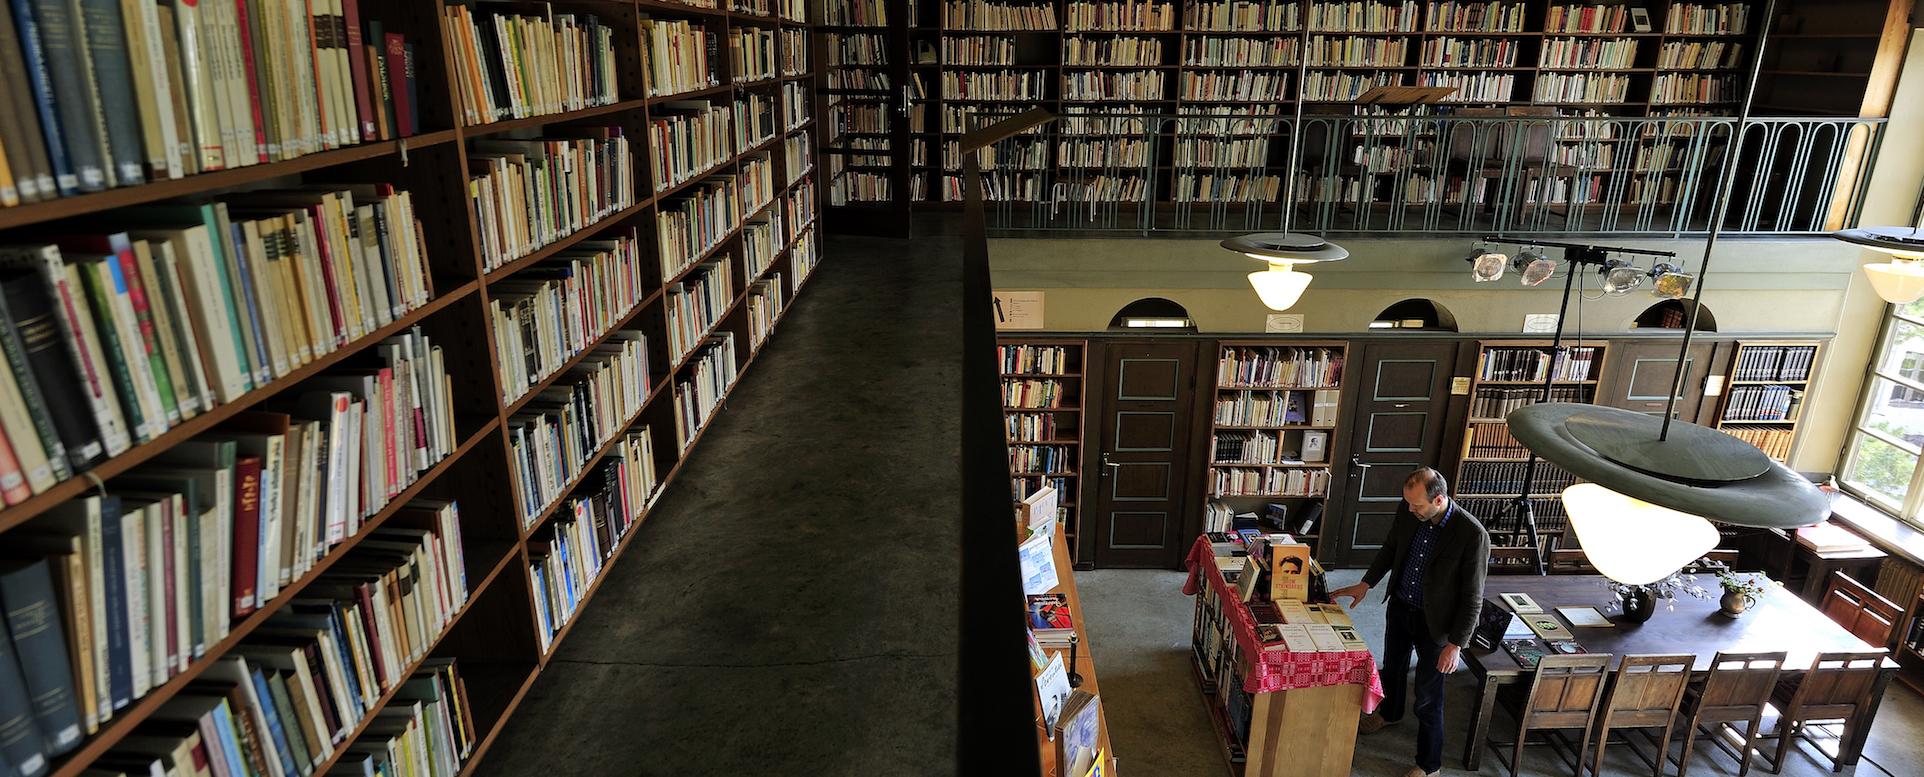 Almanacka november_bibliotek_1920x775